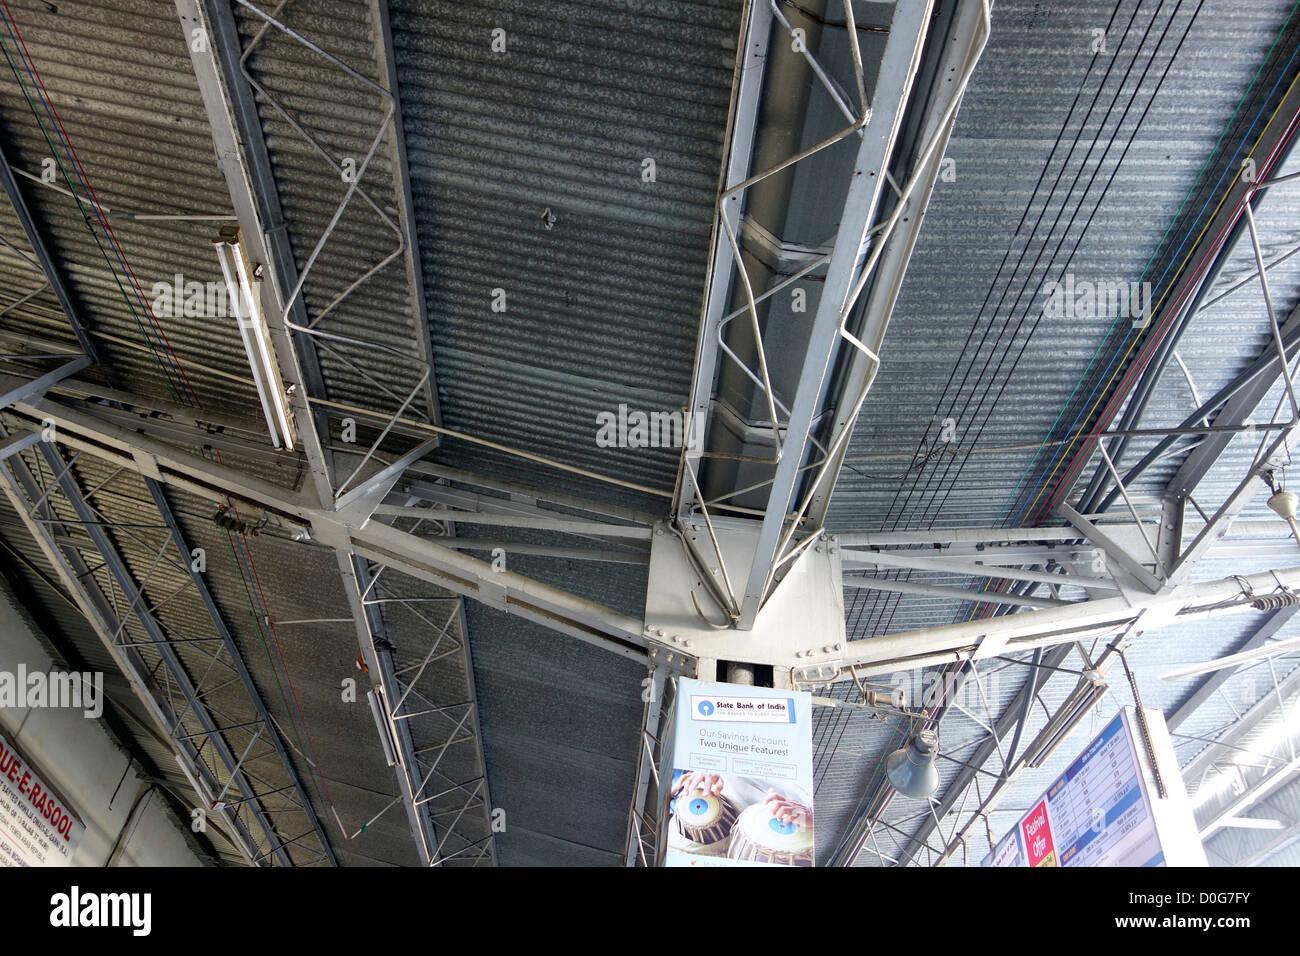 """Fabbricazione di acciaio capannone ferroviario """"Stazione Ferroviaria' coperture 'Sfogli ondulati' Immagini Stock"""